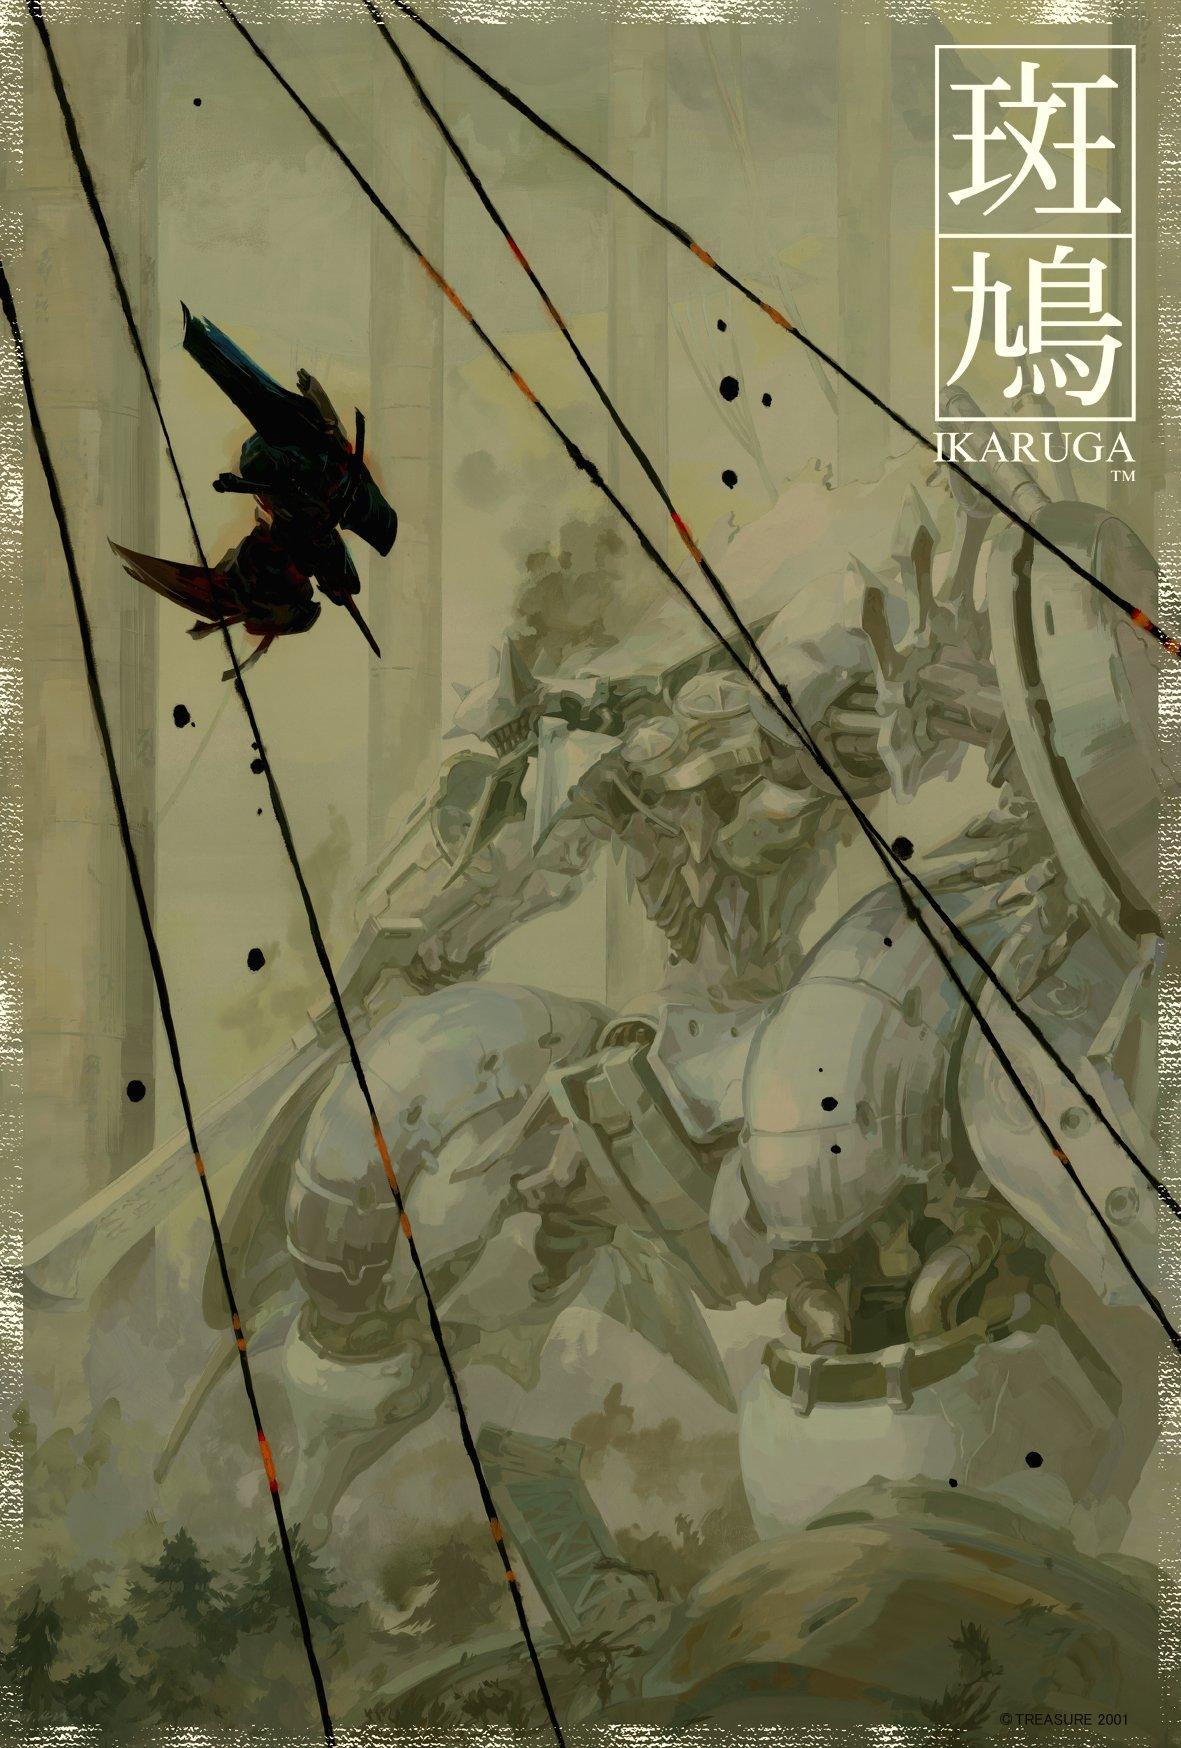 Peaceful Death: Ikaruga